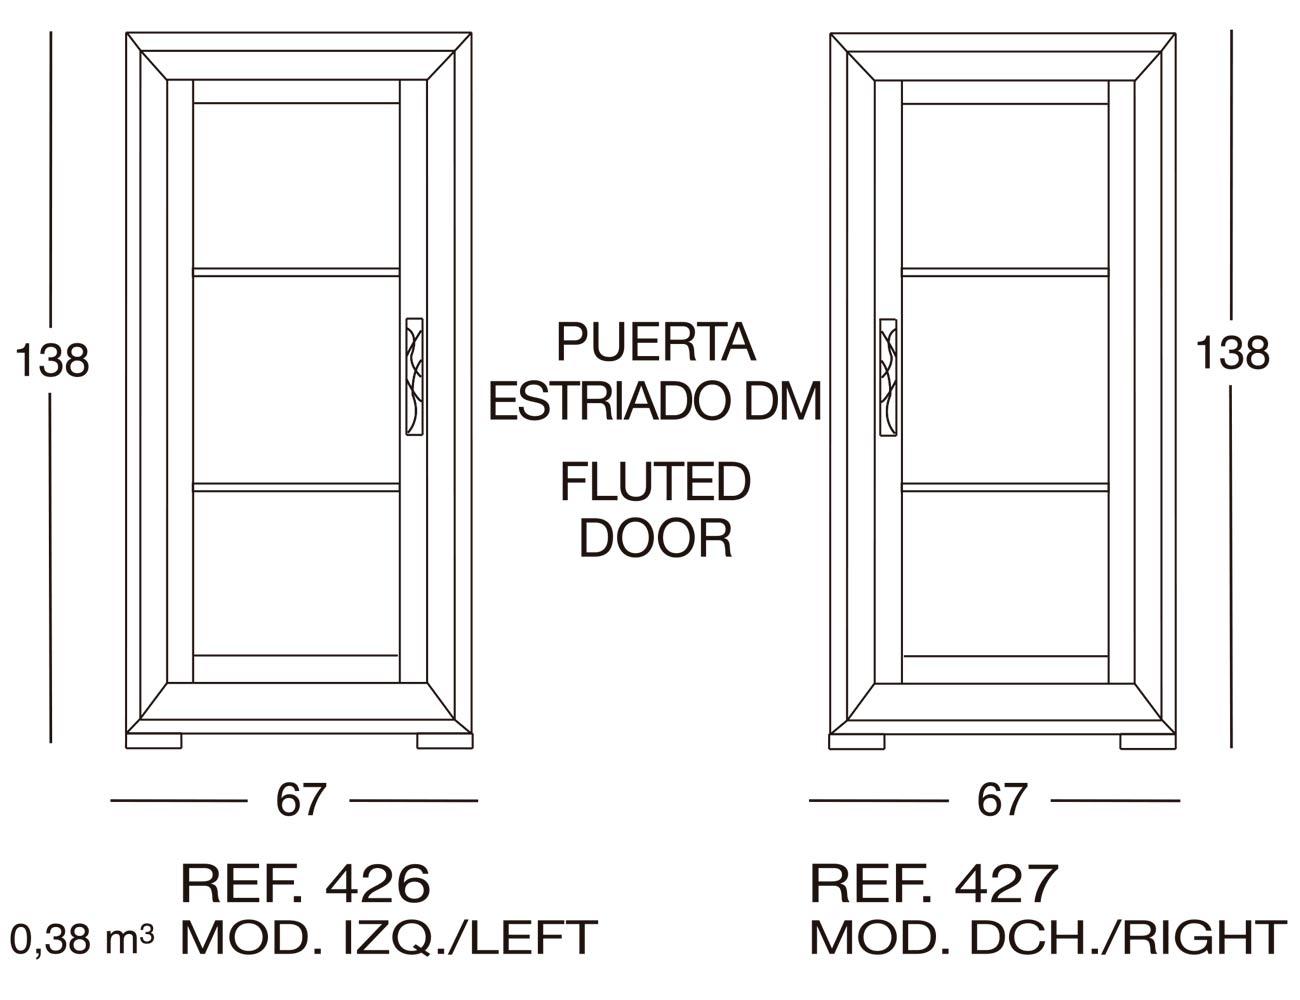 Modulo izdo puerta estriado dm 426